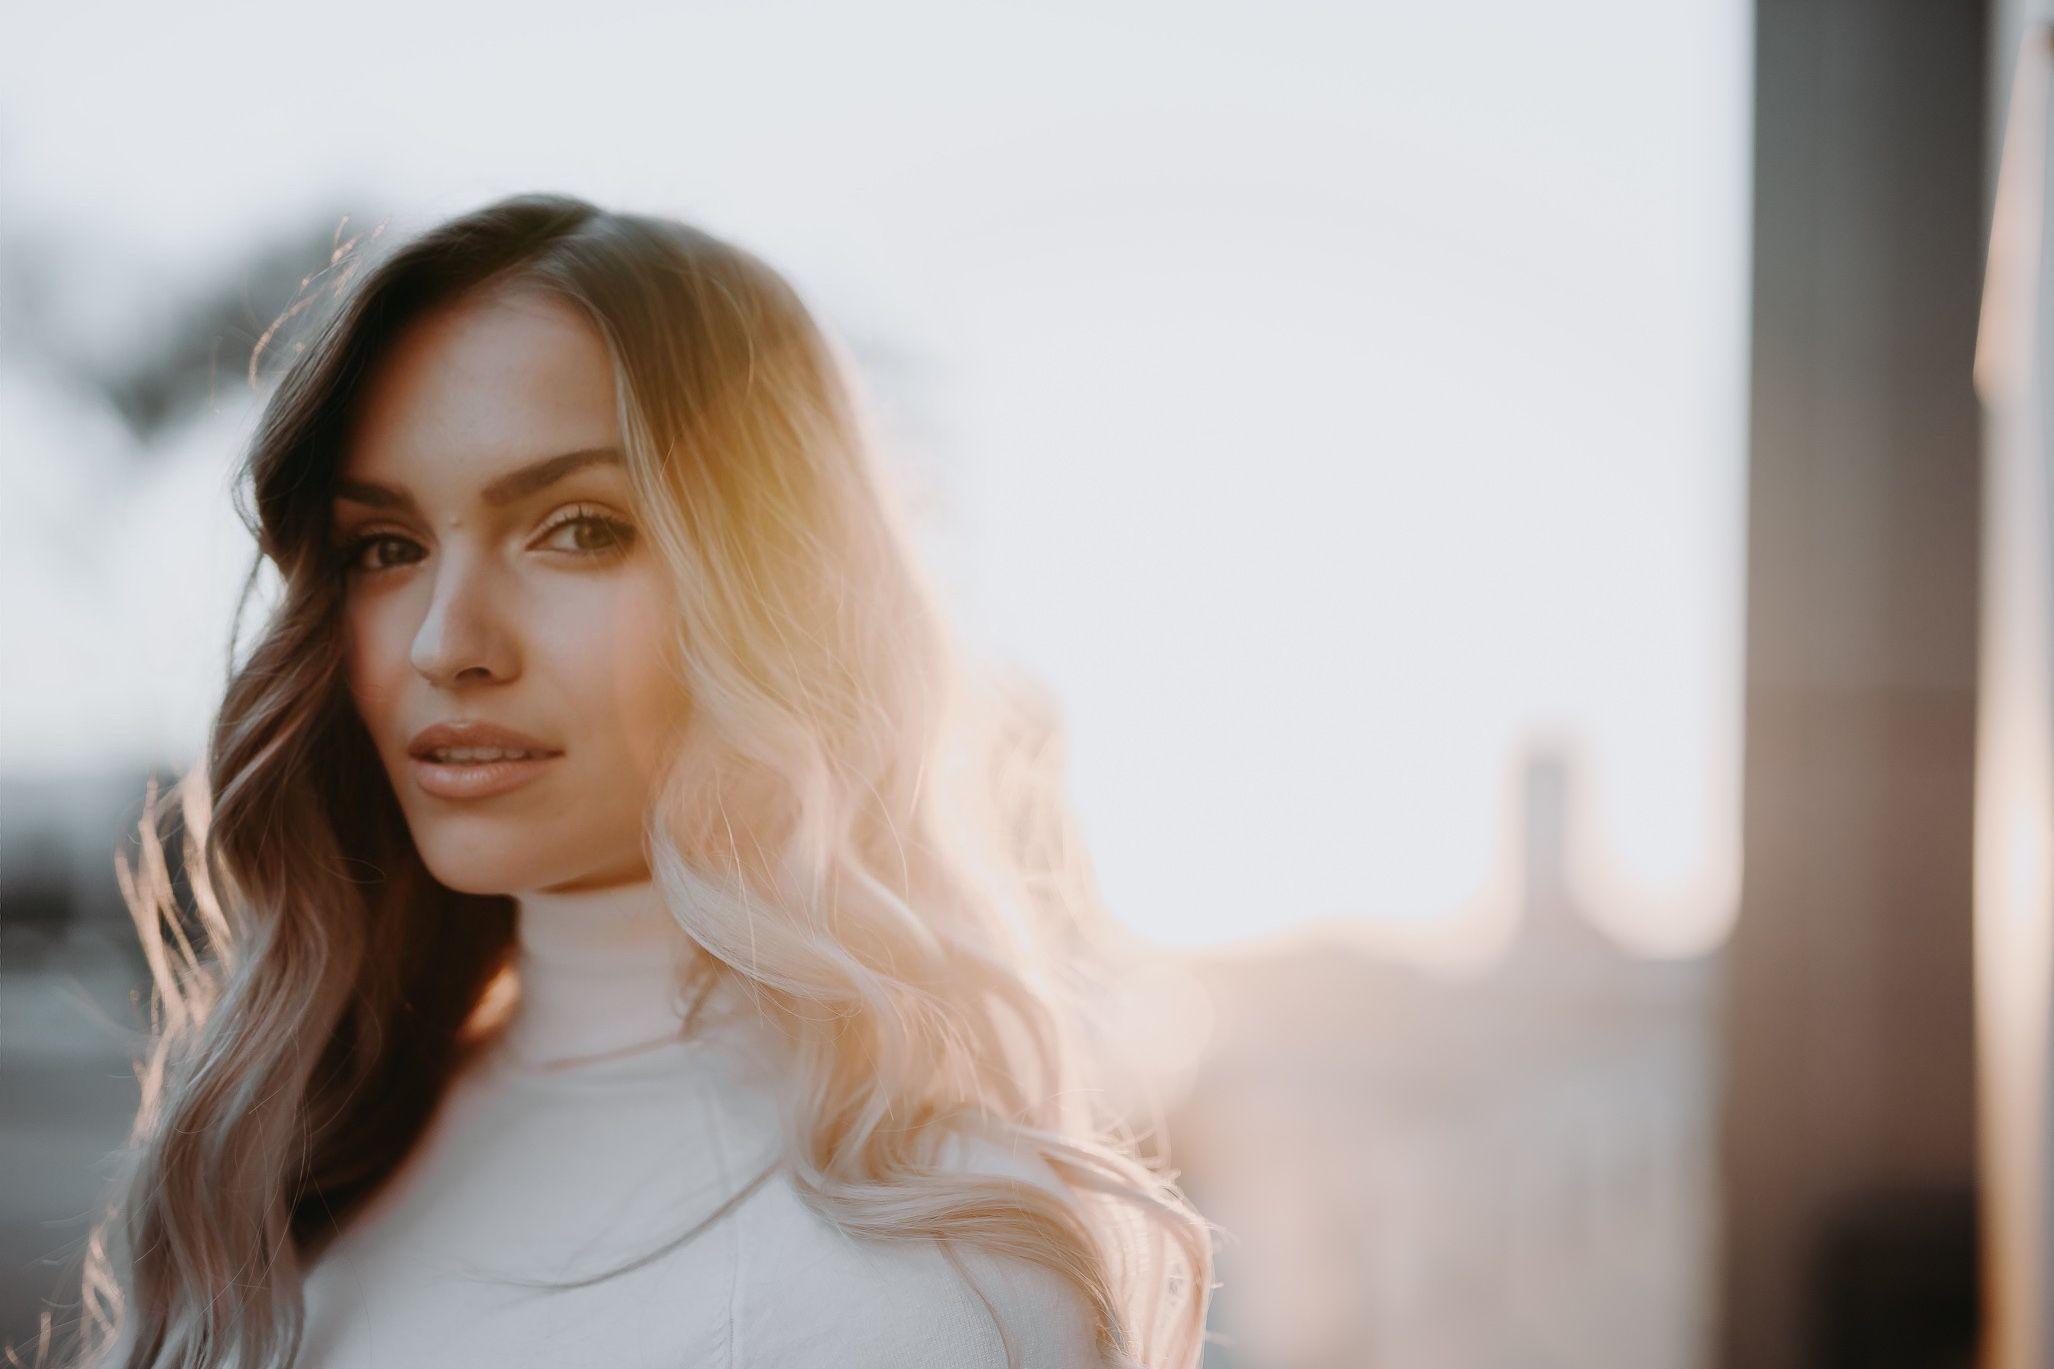 Plavuše dobile novu liniju za njegu s kojom se postiže zdrava i sjajna kosa